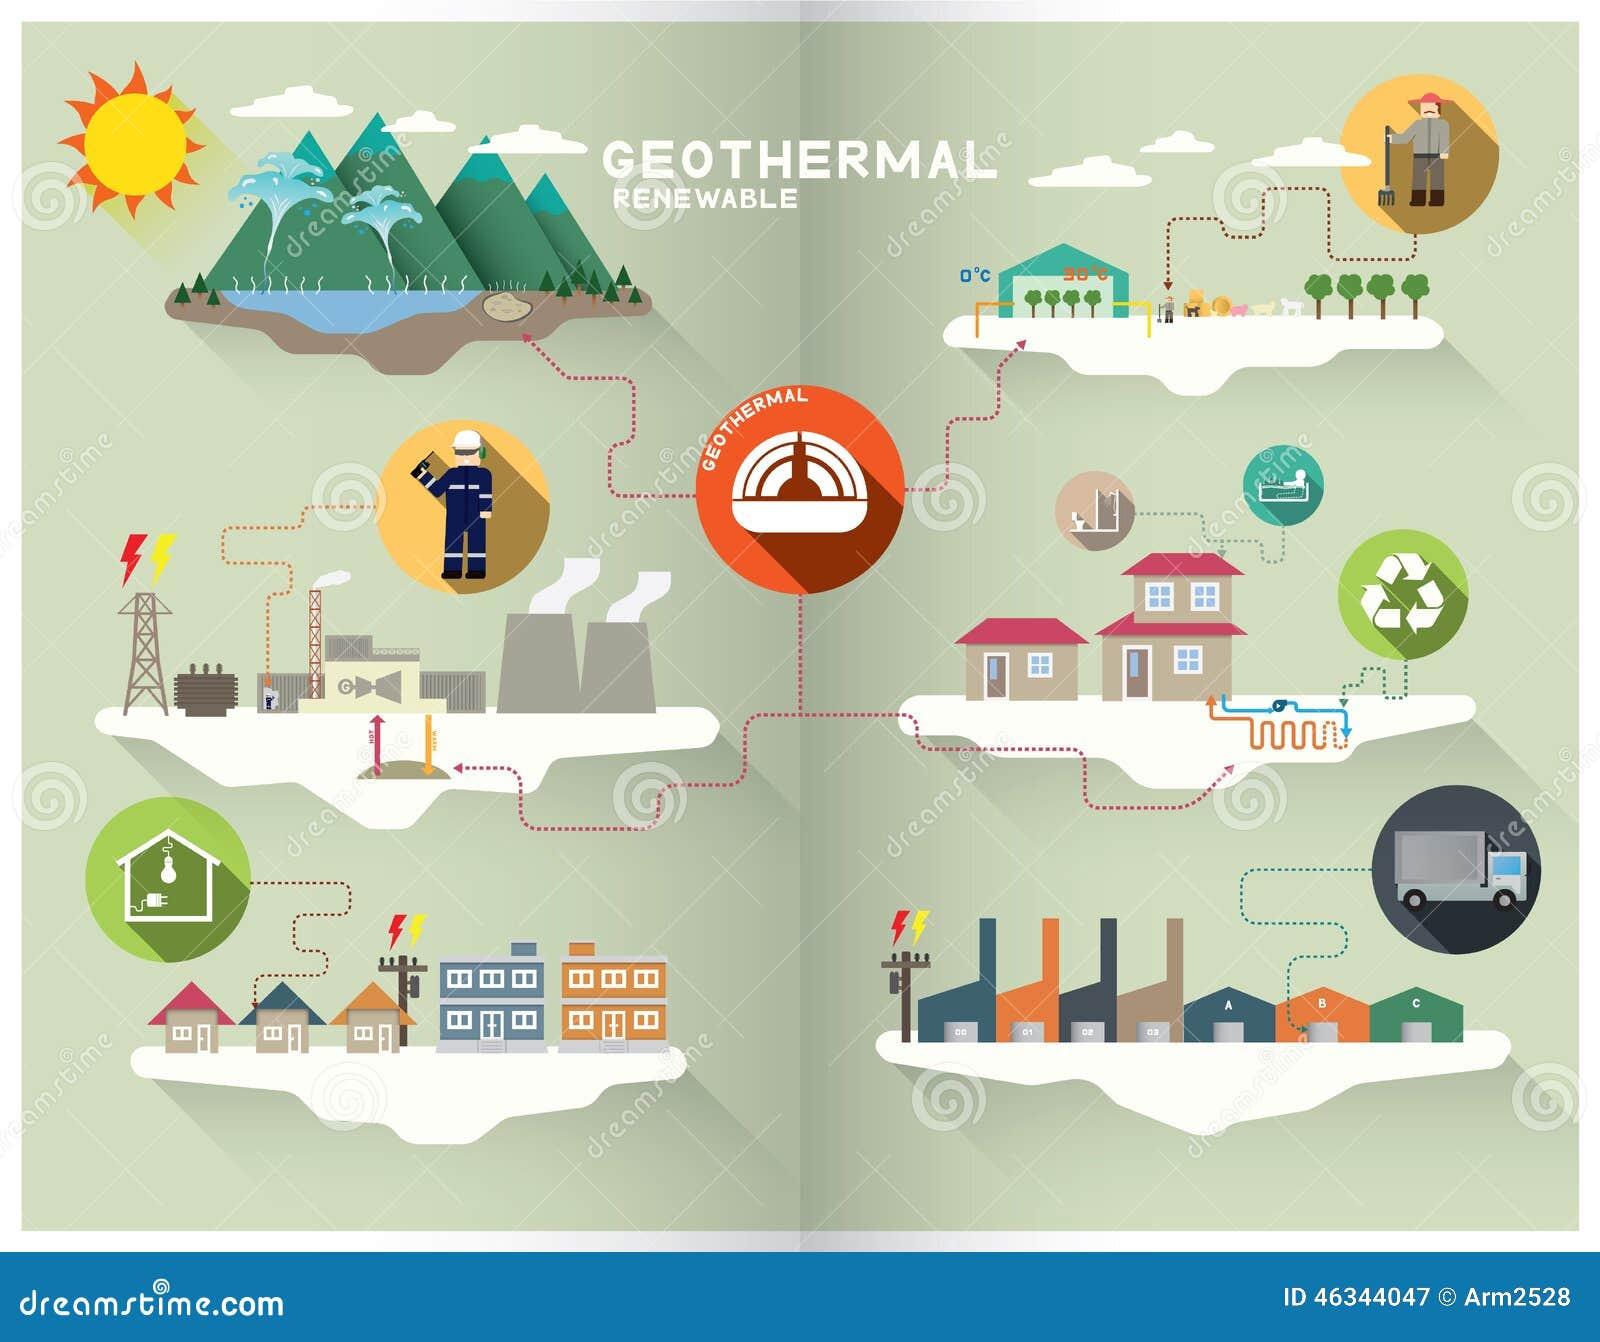 Wonderful simple geothermal energy diagram power generation for simple geothermal energy diagram pooptronica